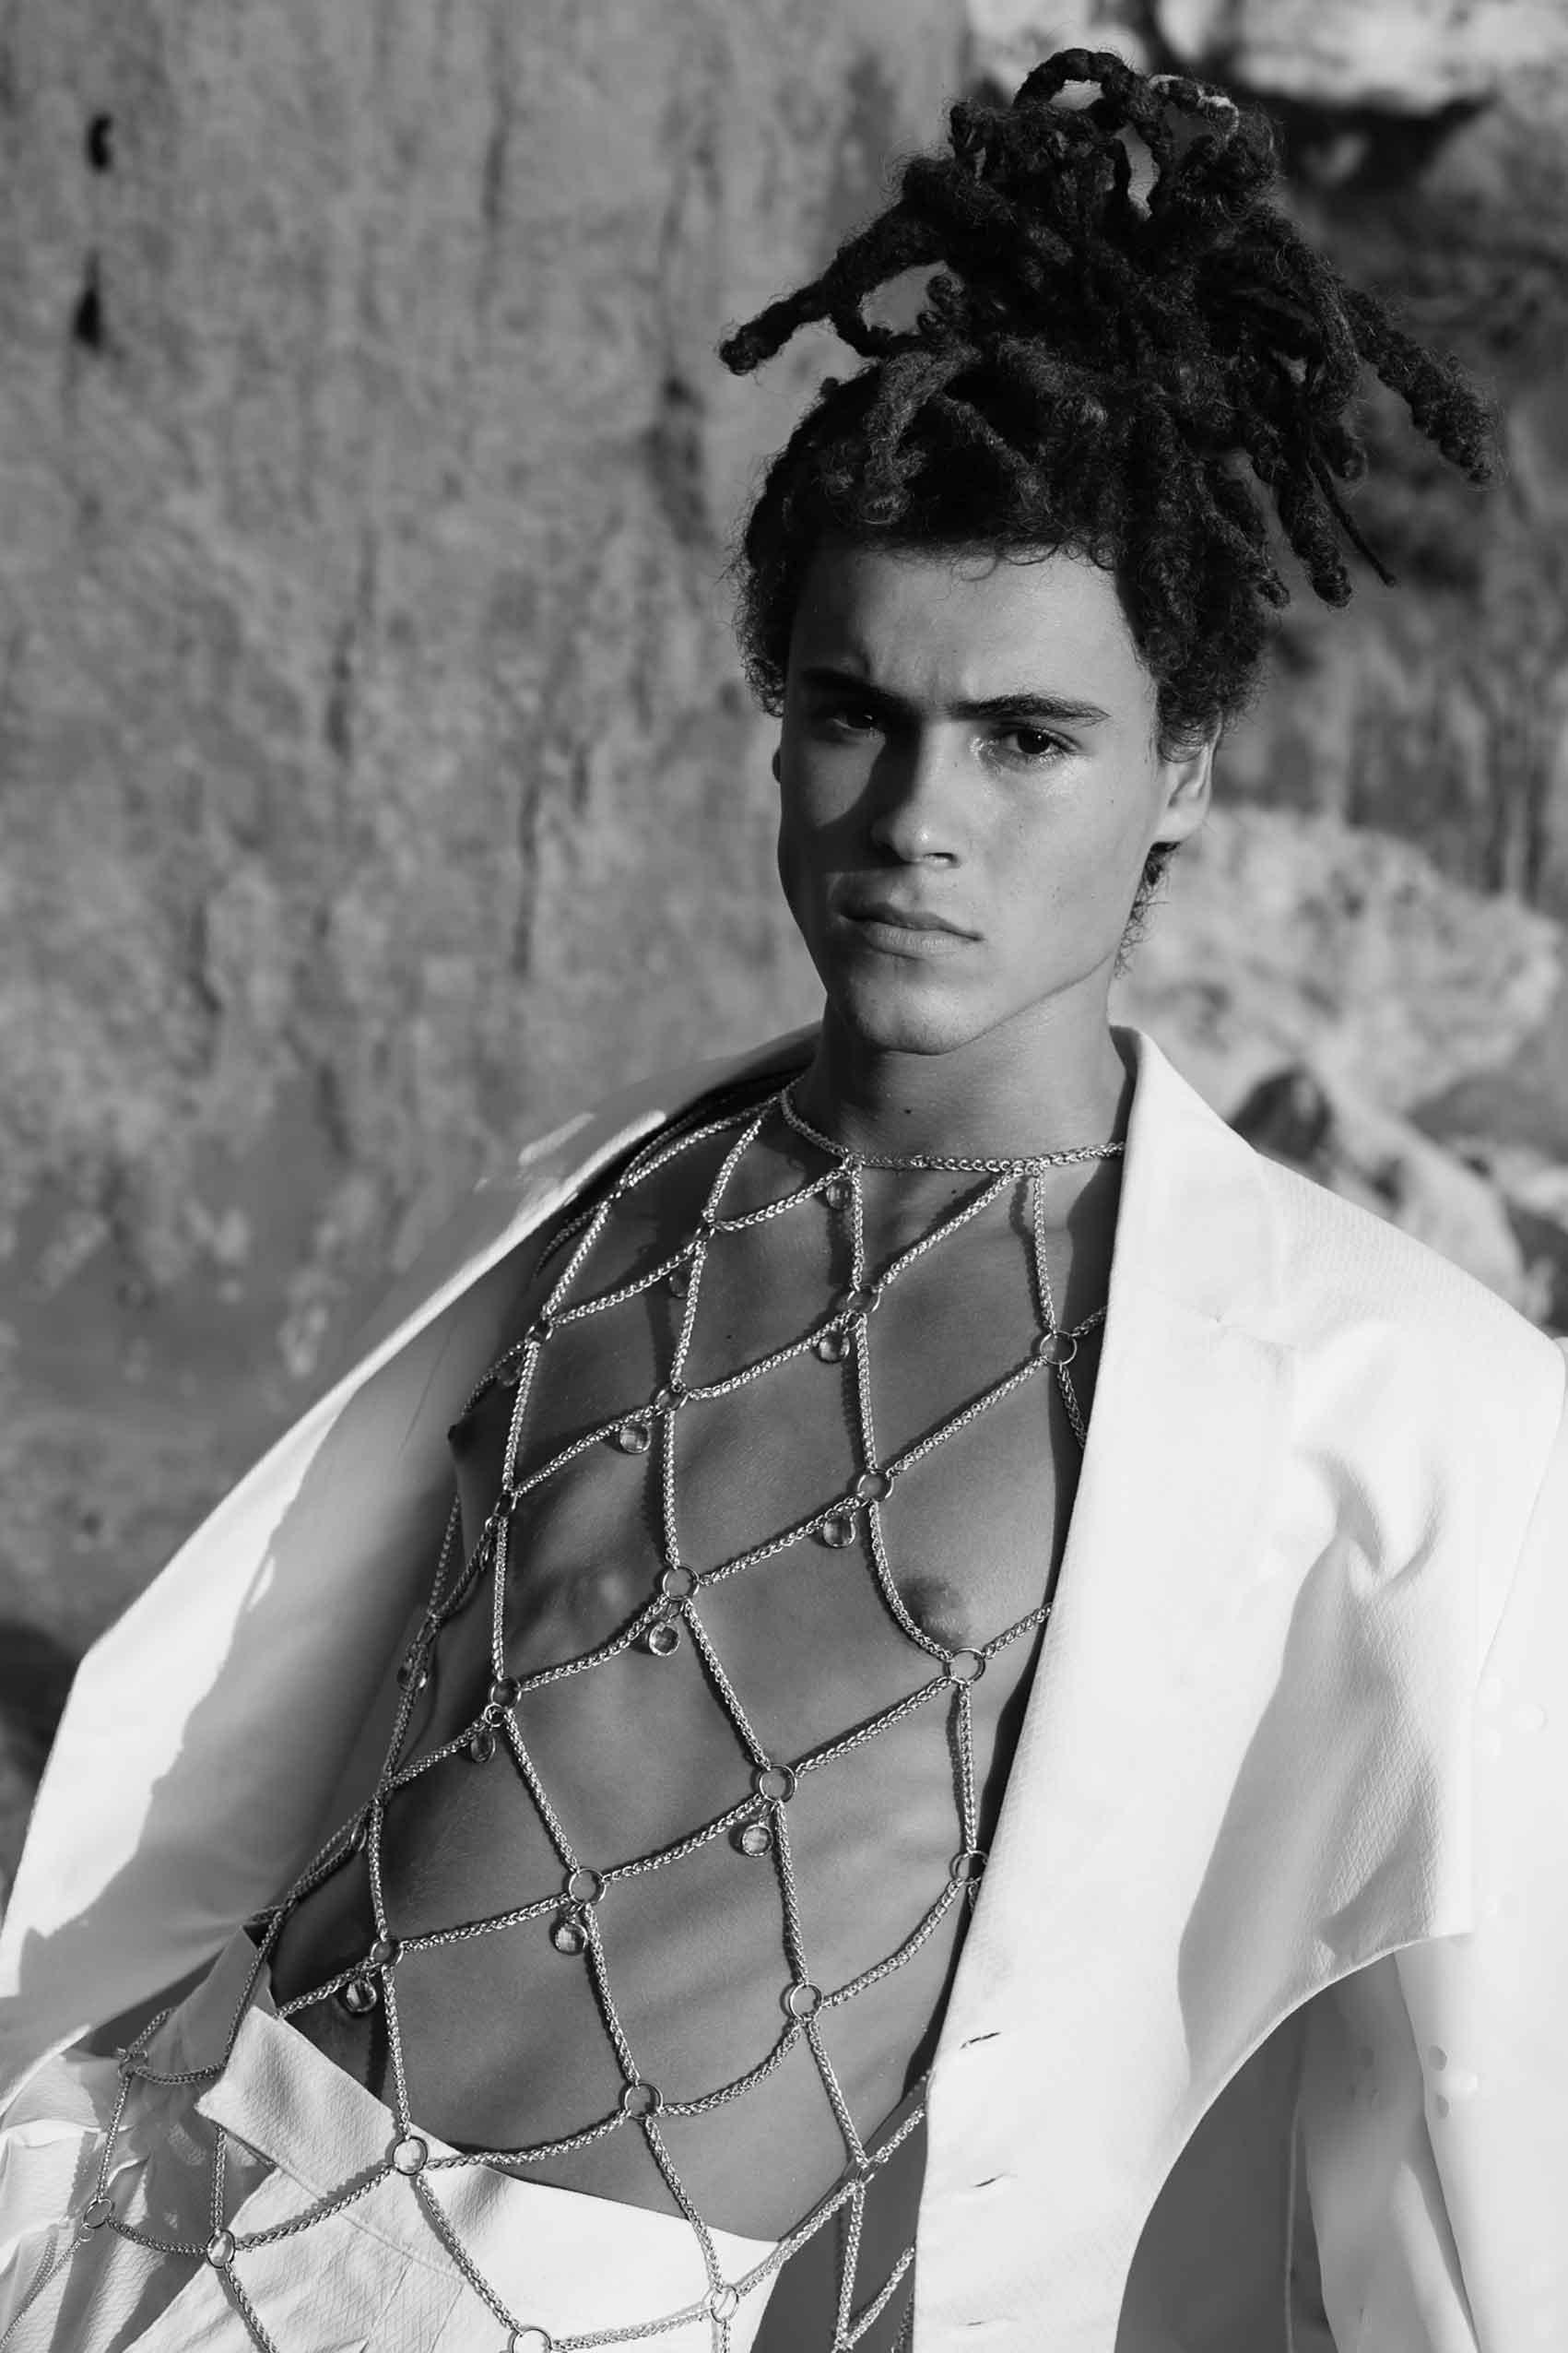 Photographer: Daniel Noy Dor, Fashion Designer: Nitzan Levy, Model: Segev Arish Assistant: Tomer Hershkovitz' Fashion: Nitzan for Shenkar-6